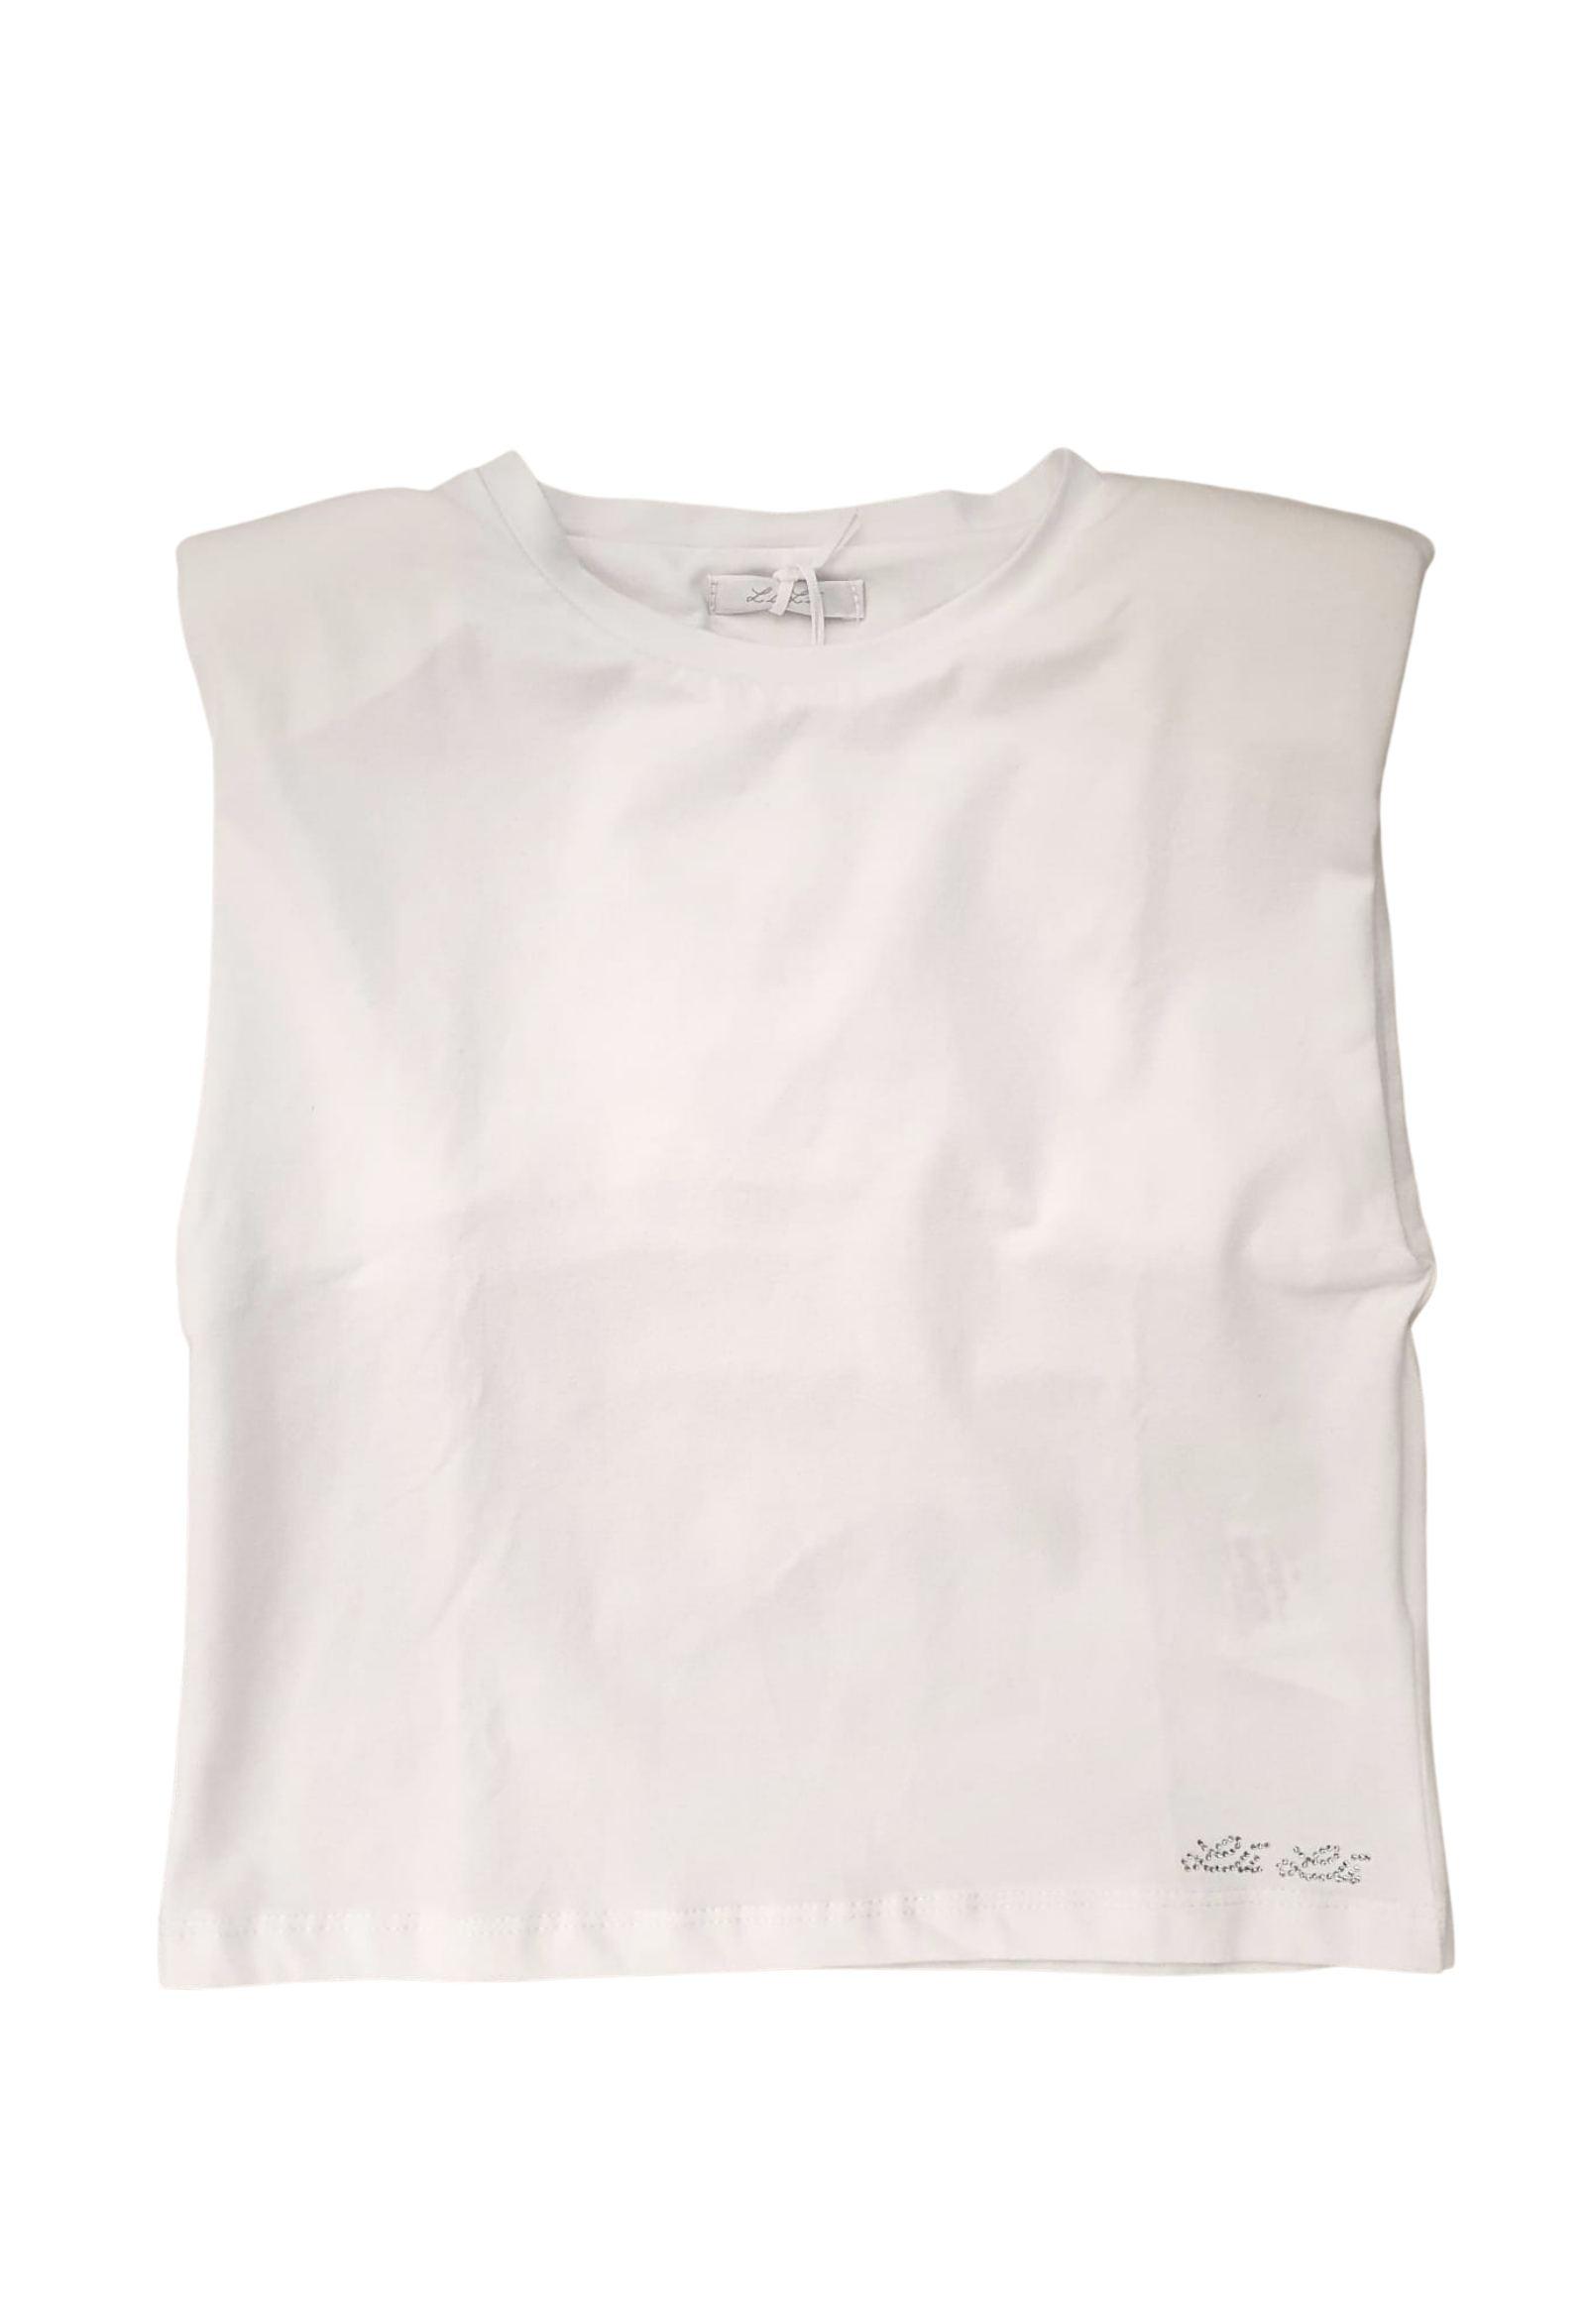 t-shirt in cotone elasticizzato taglio asimmetrico LULU | T-shirt | LL0091UNIBIANCO